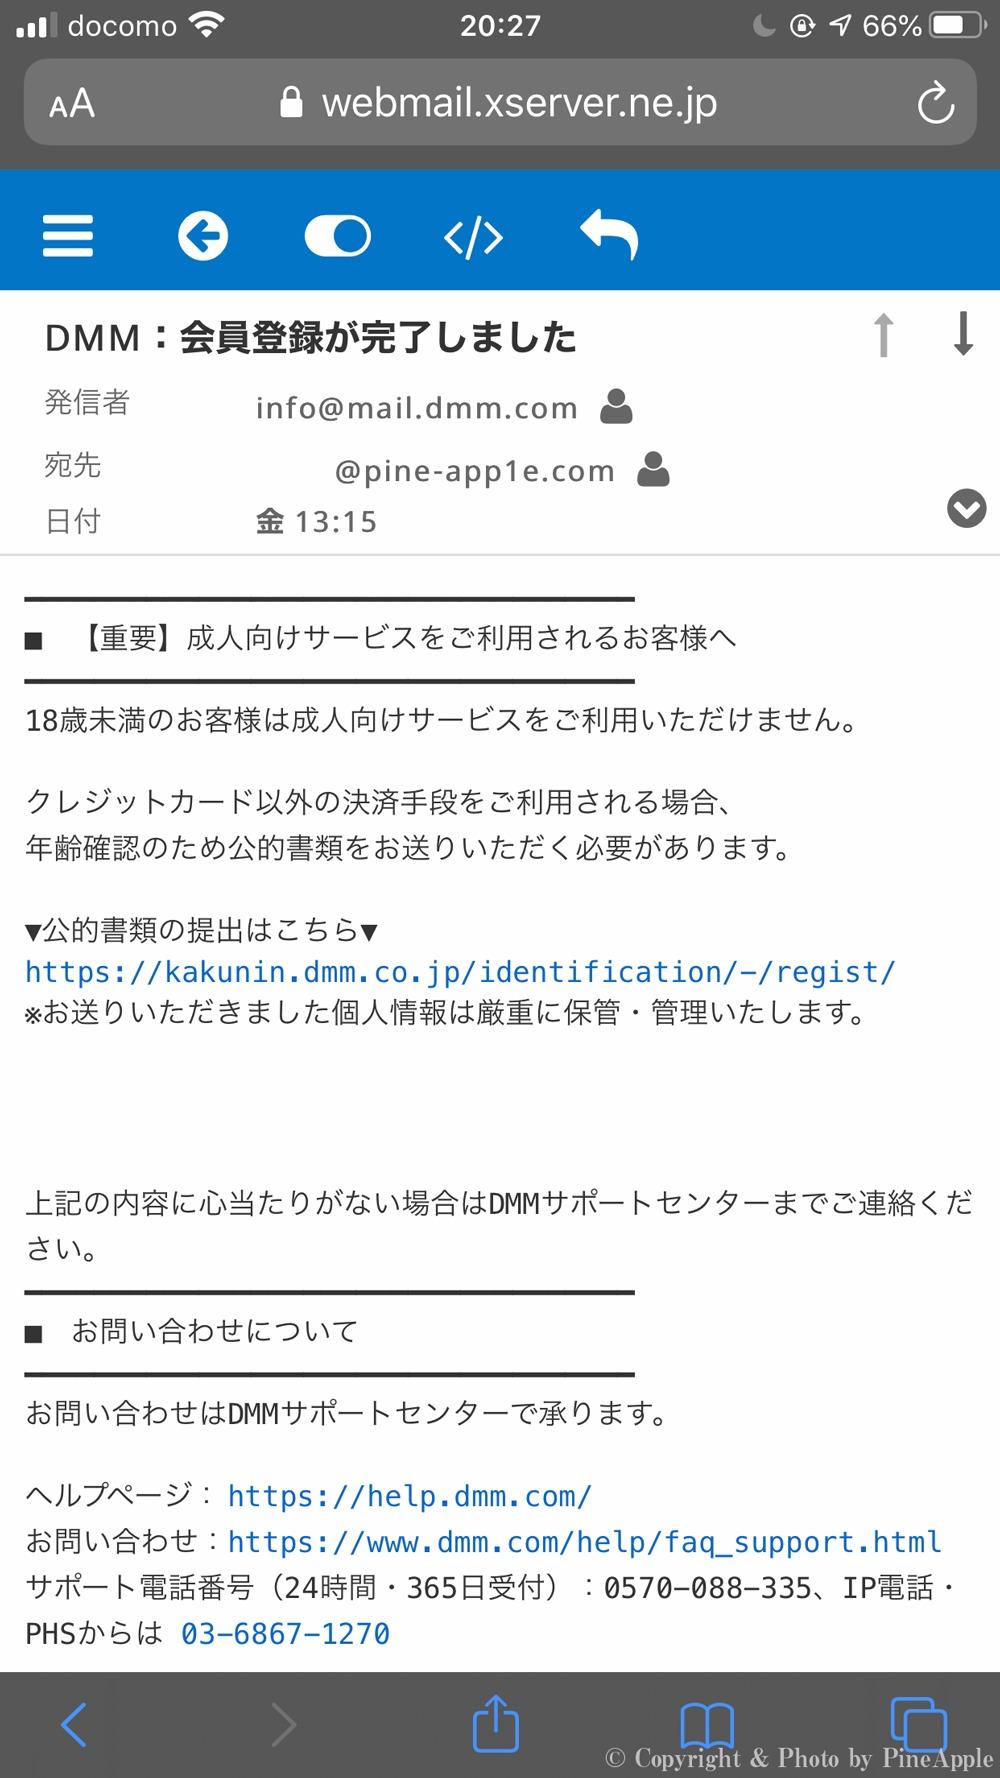 DMM アカウント:「info@mail.dmm.com」から「DMM:会員登録が完了しました」というタイトルのメールを受信